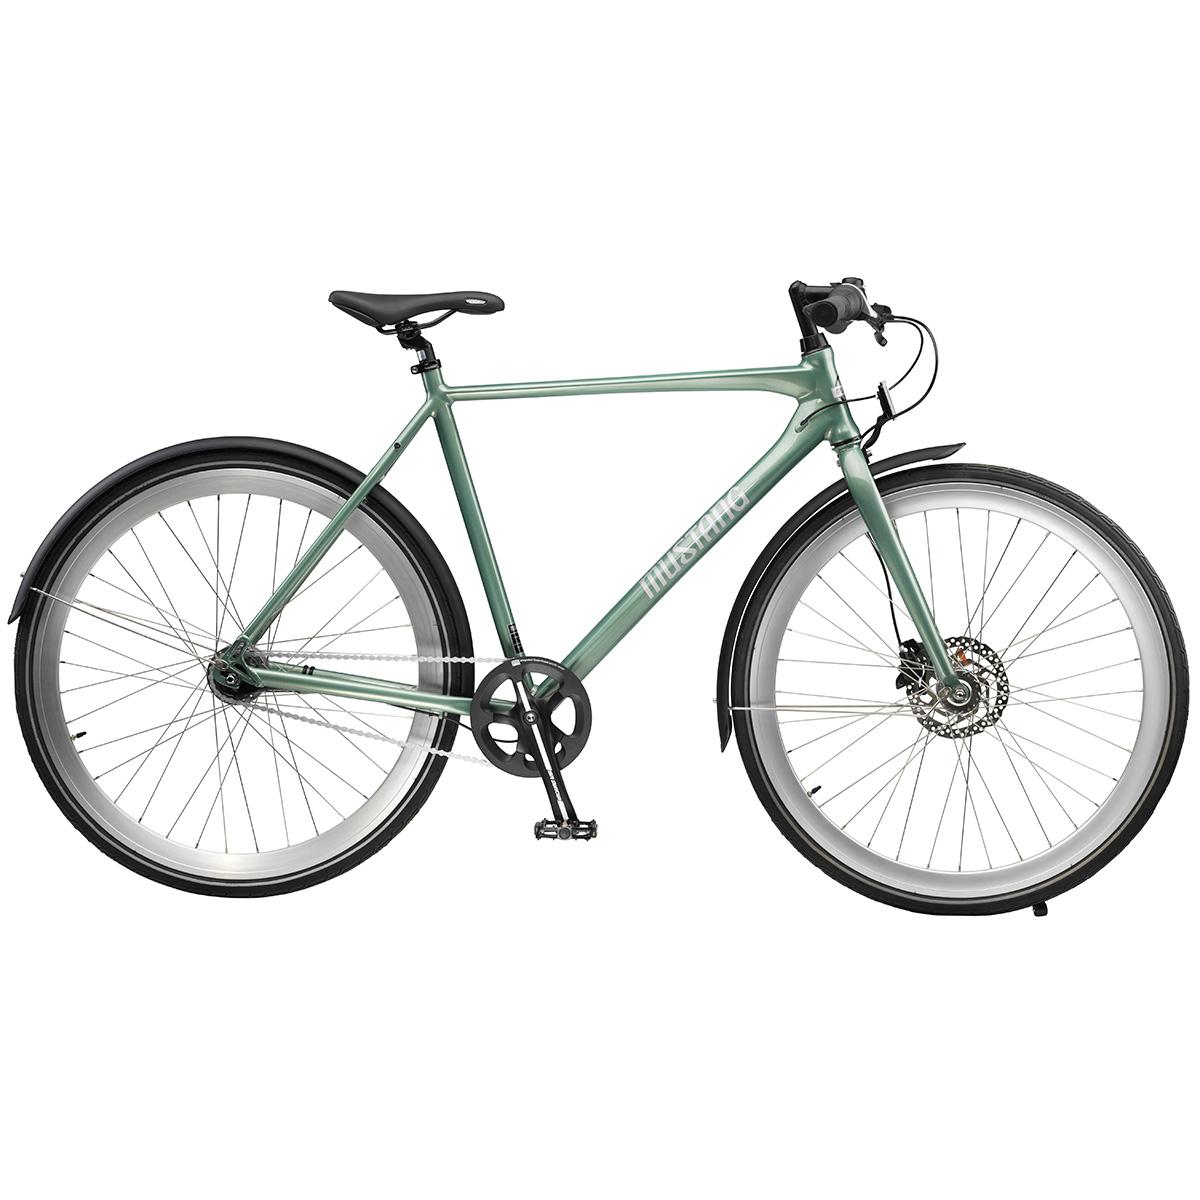 Mustang Avalon herrecykel med 7 gear - Grøn